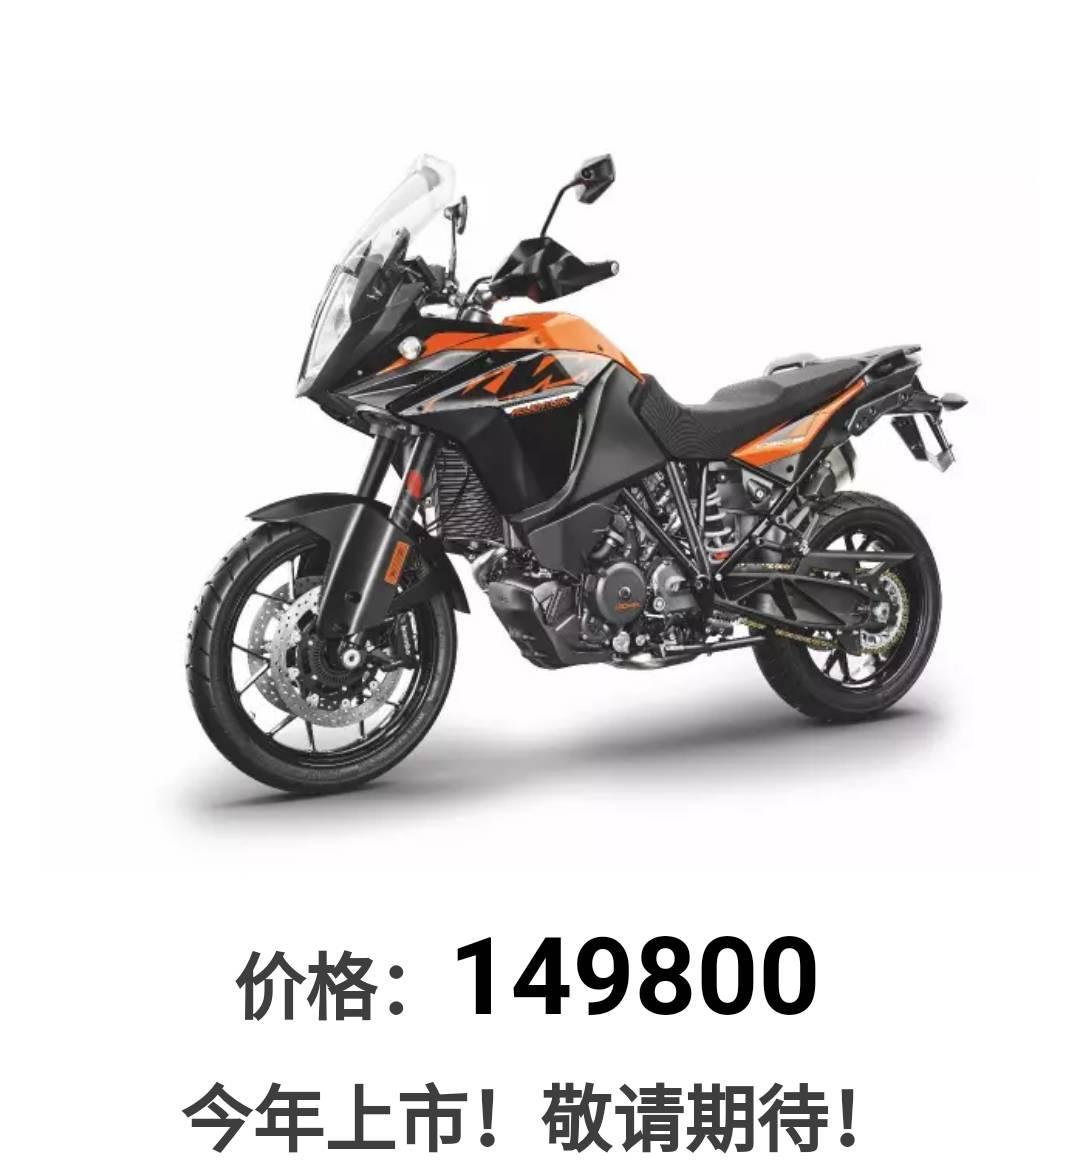 14.98万,KTM公布新款1090ADVENTURE国内售价